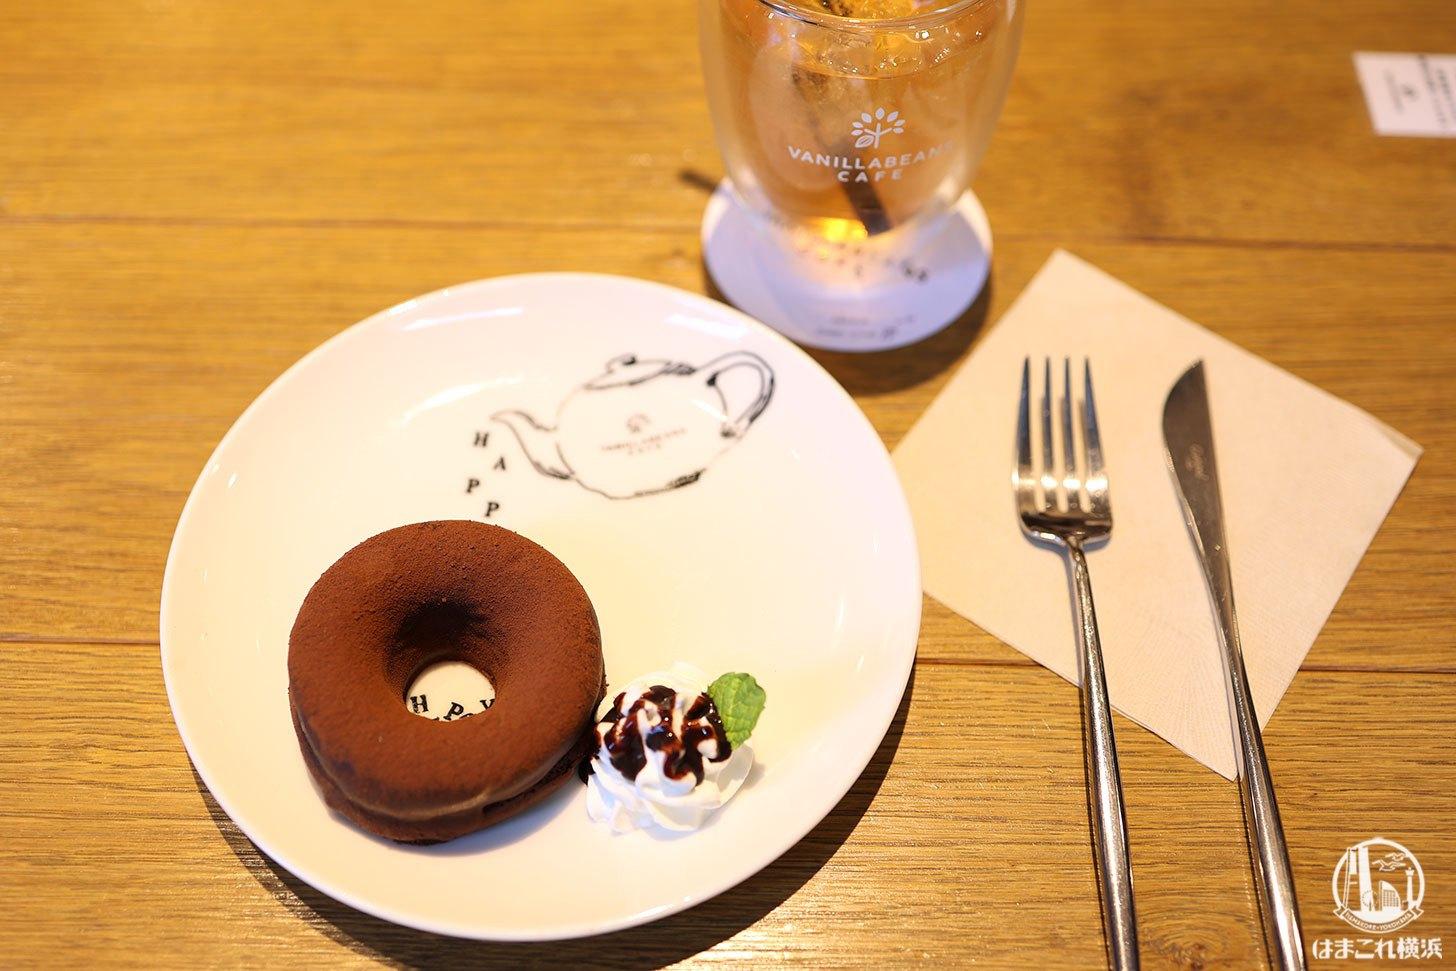 バニラビーンズのみなとみらいドーナツがチョコ感たっぷりでいい感じ!甘いものでサクッとカフェ